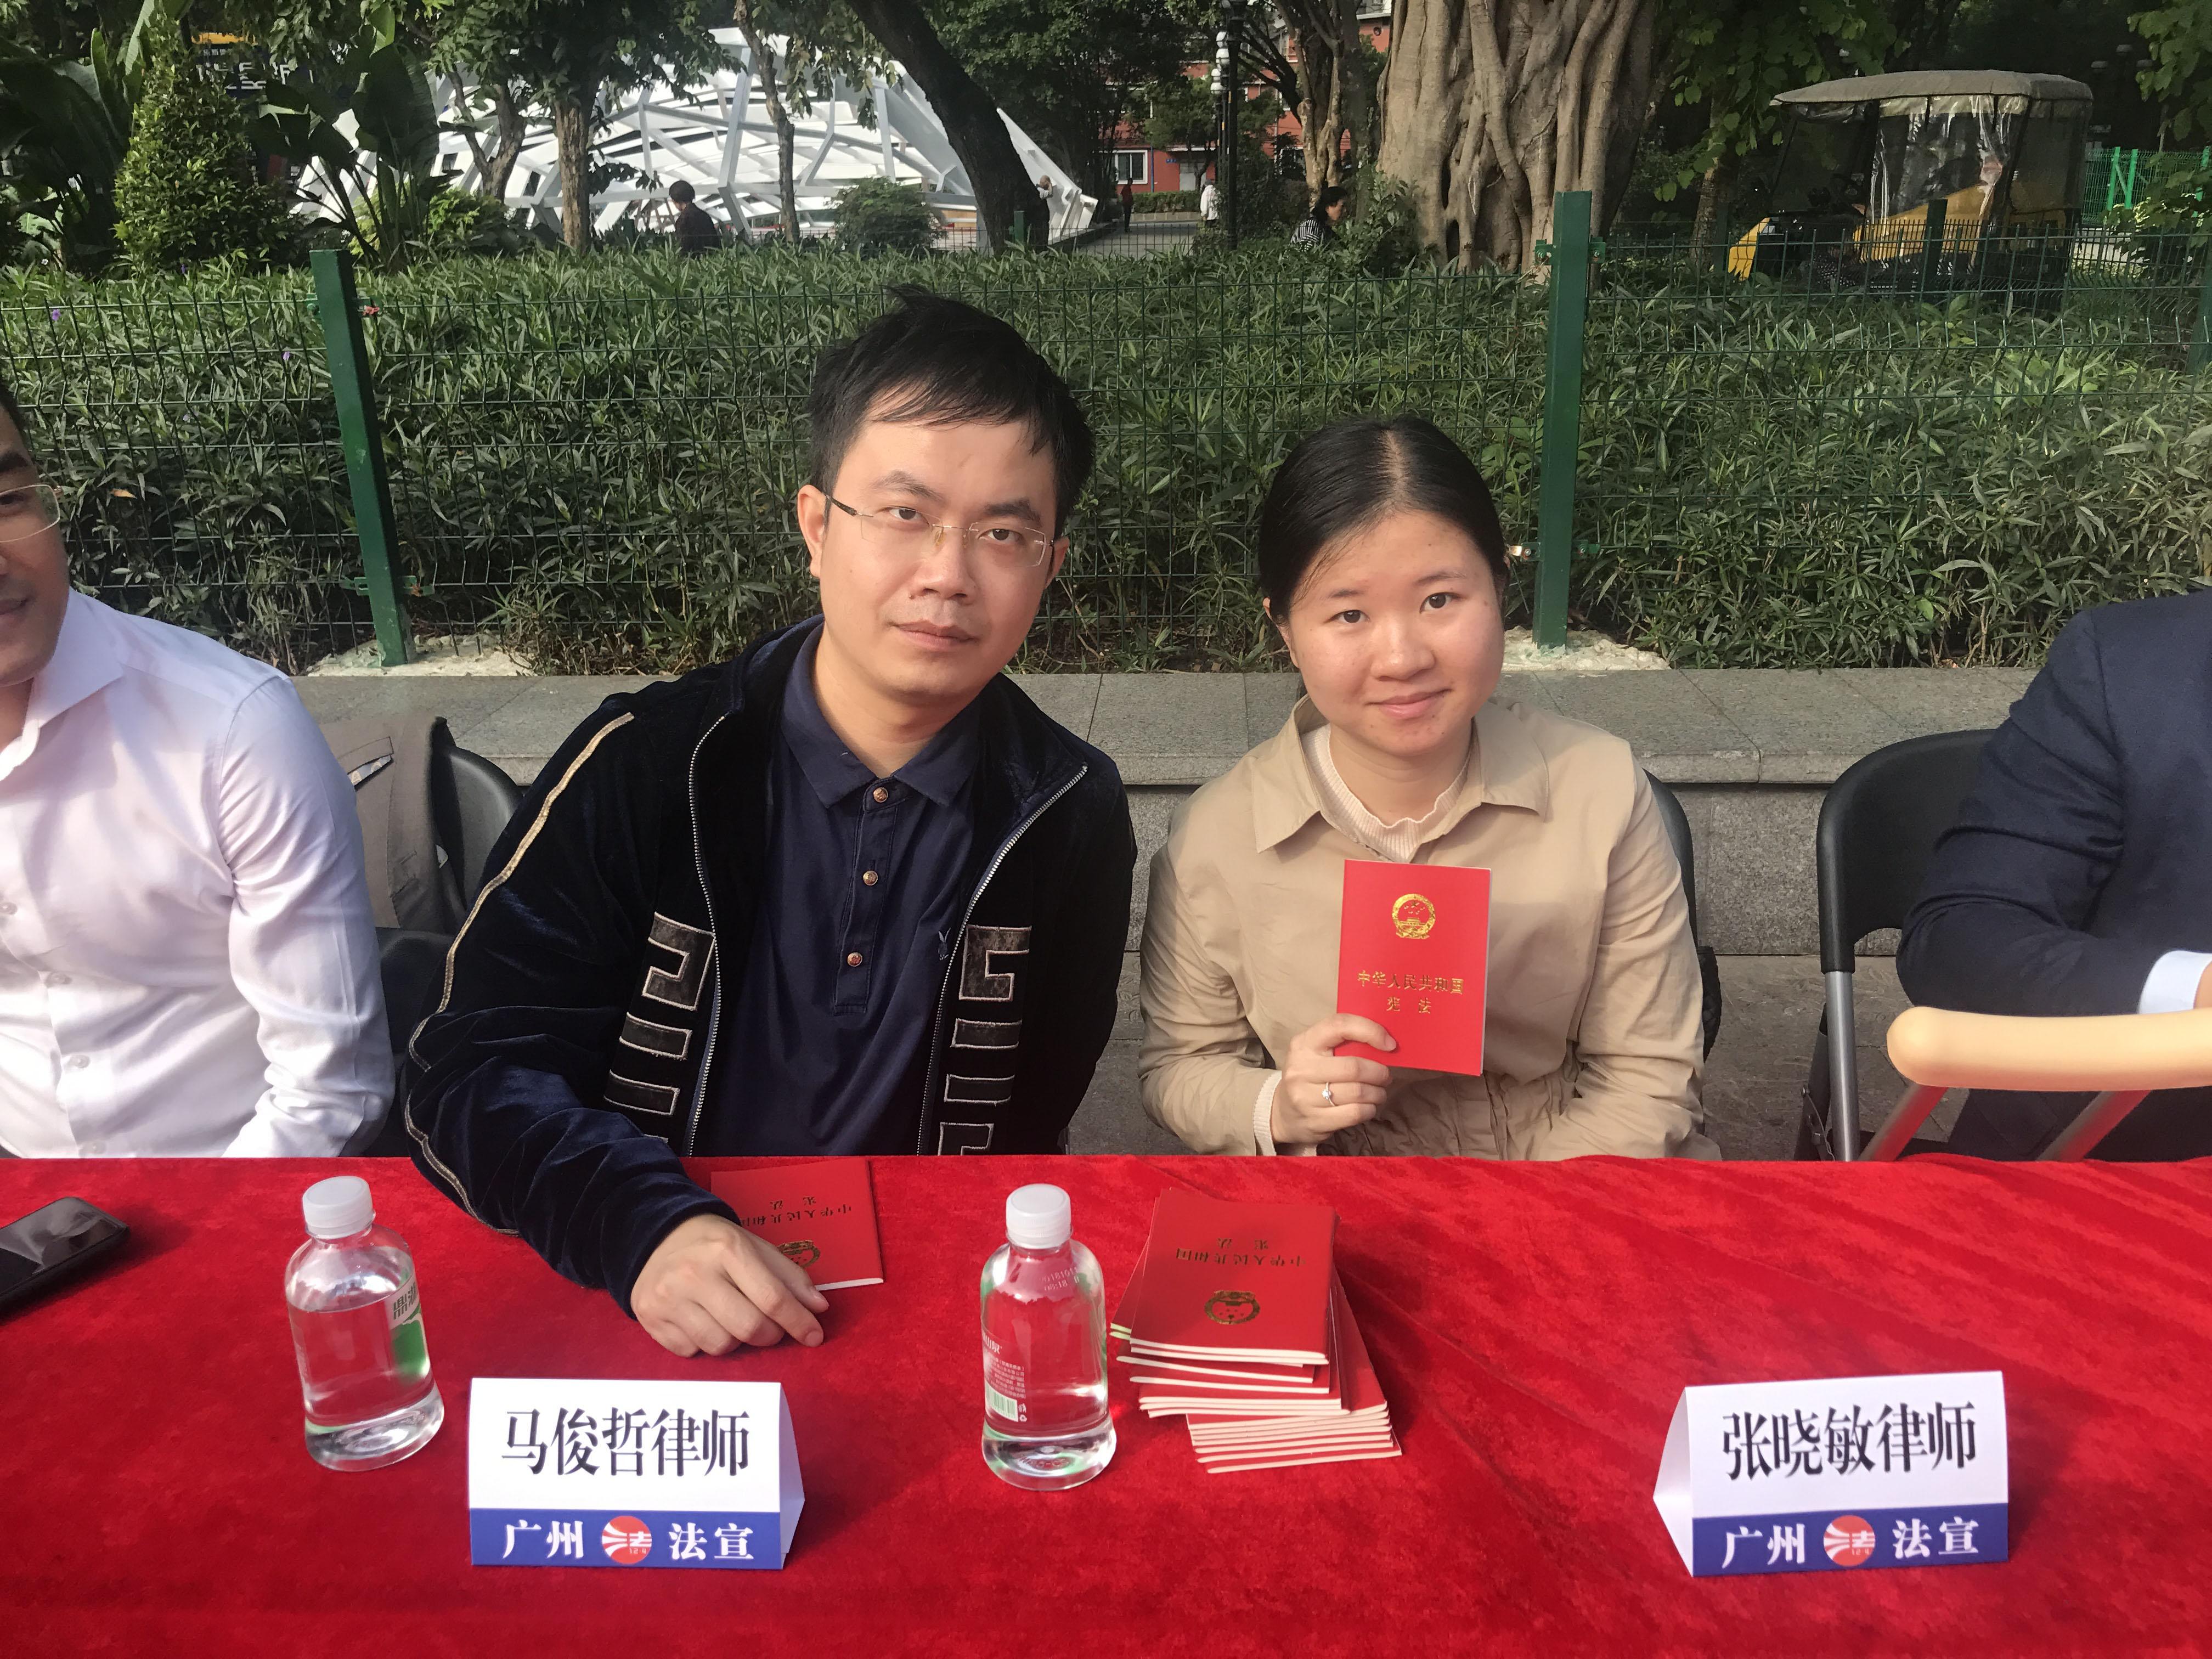 团队马俊哲律师与张晓敏律师接受社会大众的咨询